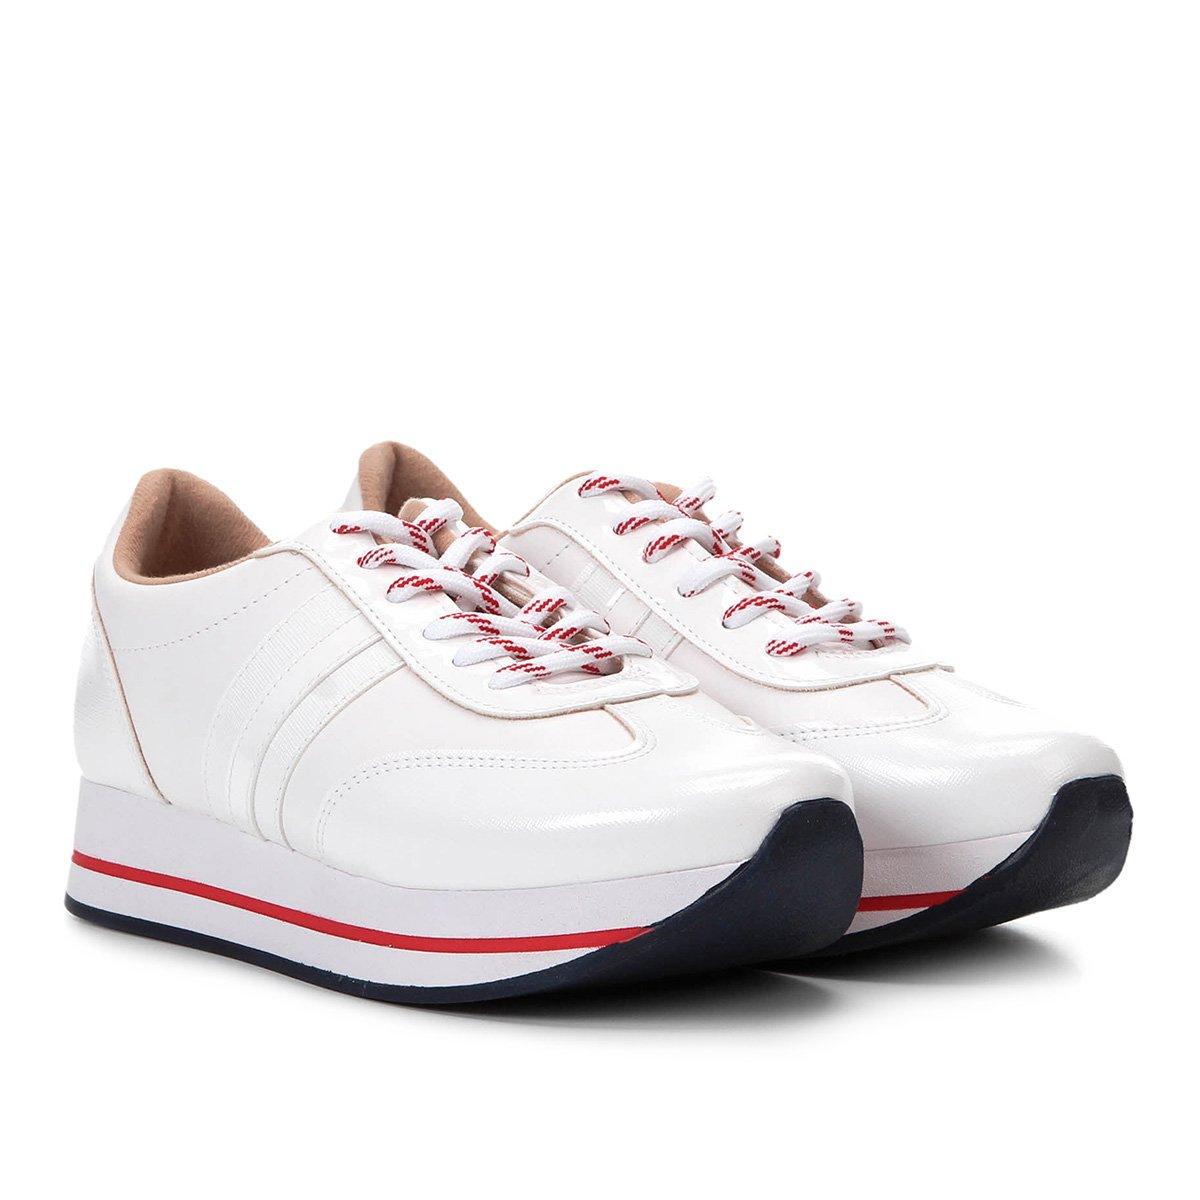 c65e661a5 Tênis Moleca Jogging Feminino